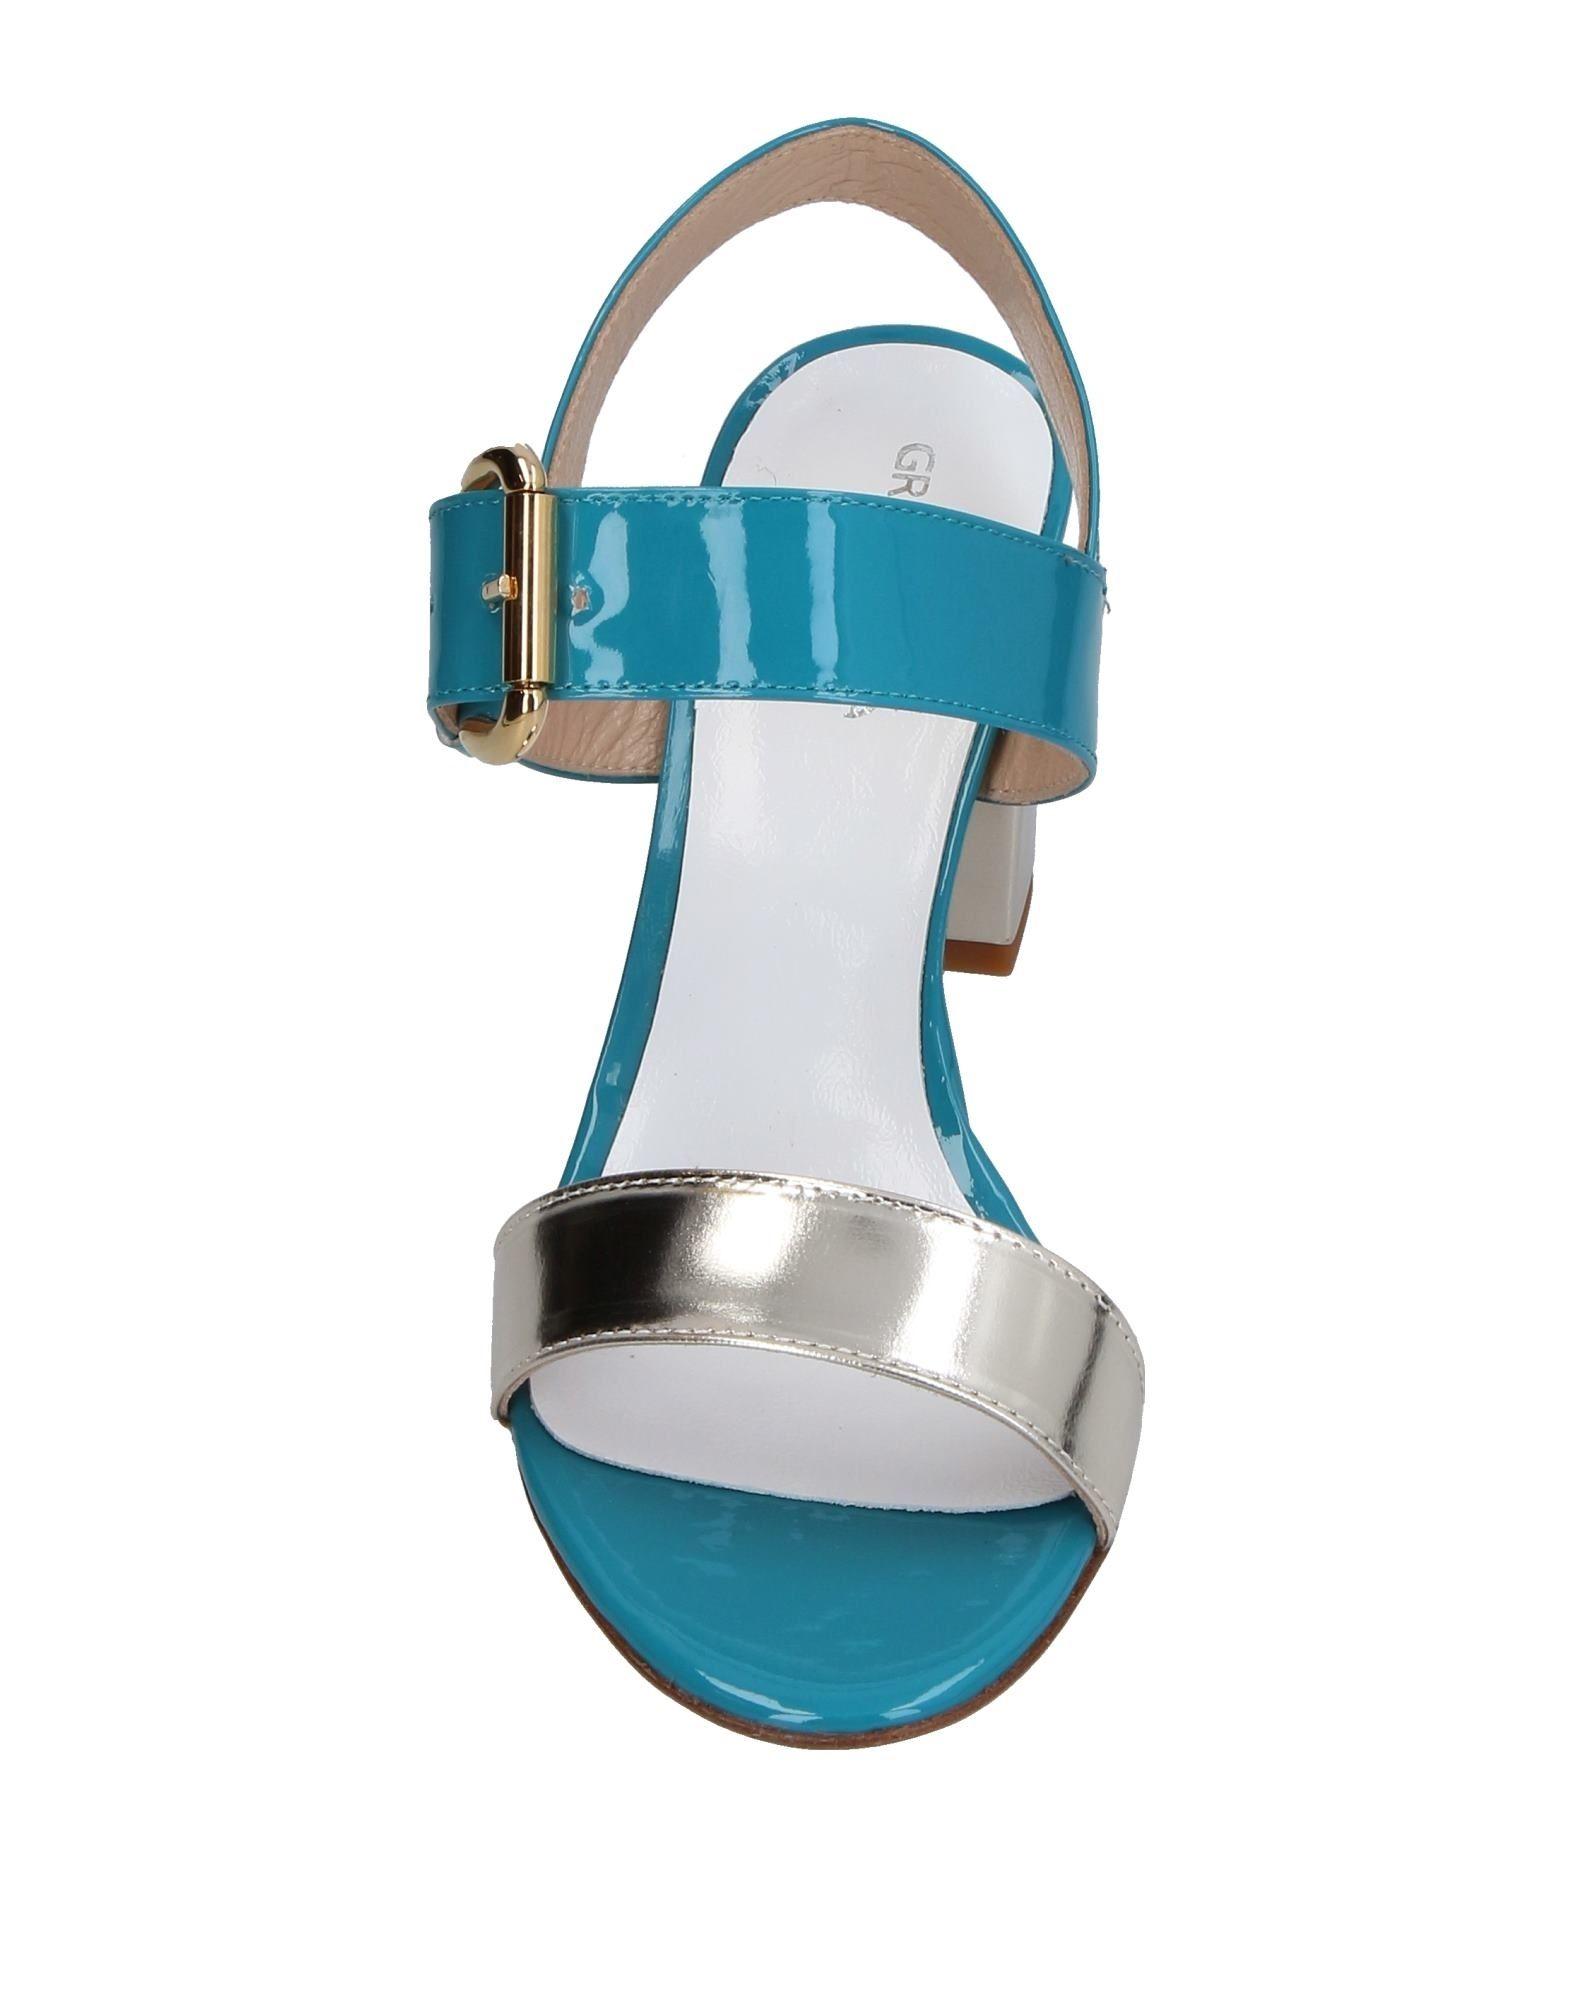 Sandales Griff Italia Femme - Sandales Griff Italia sur